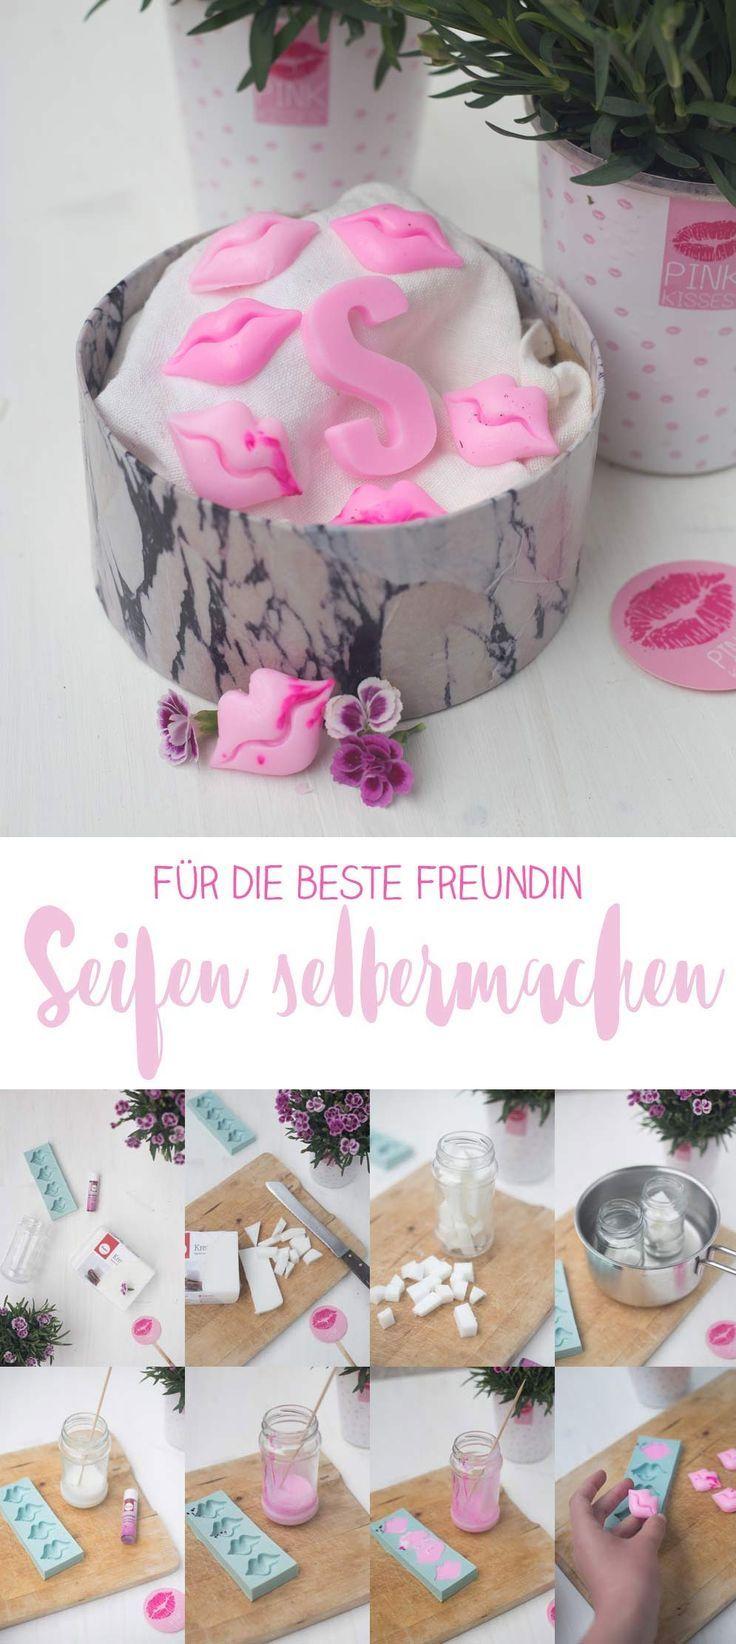 DIY Geschenkkorb für die beste Freundin mit